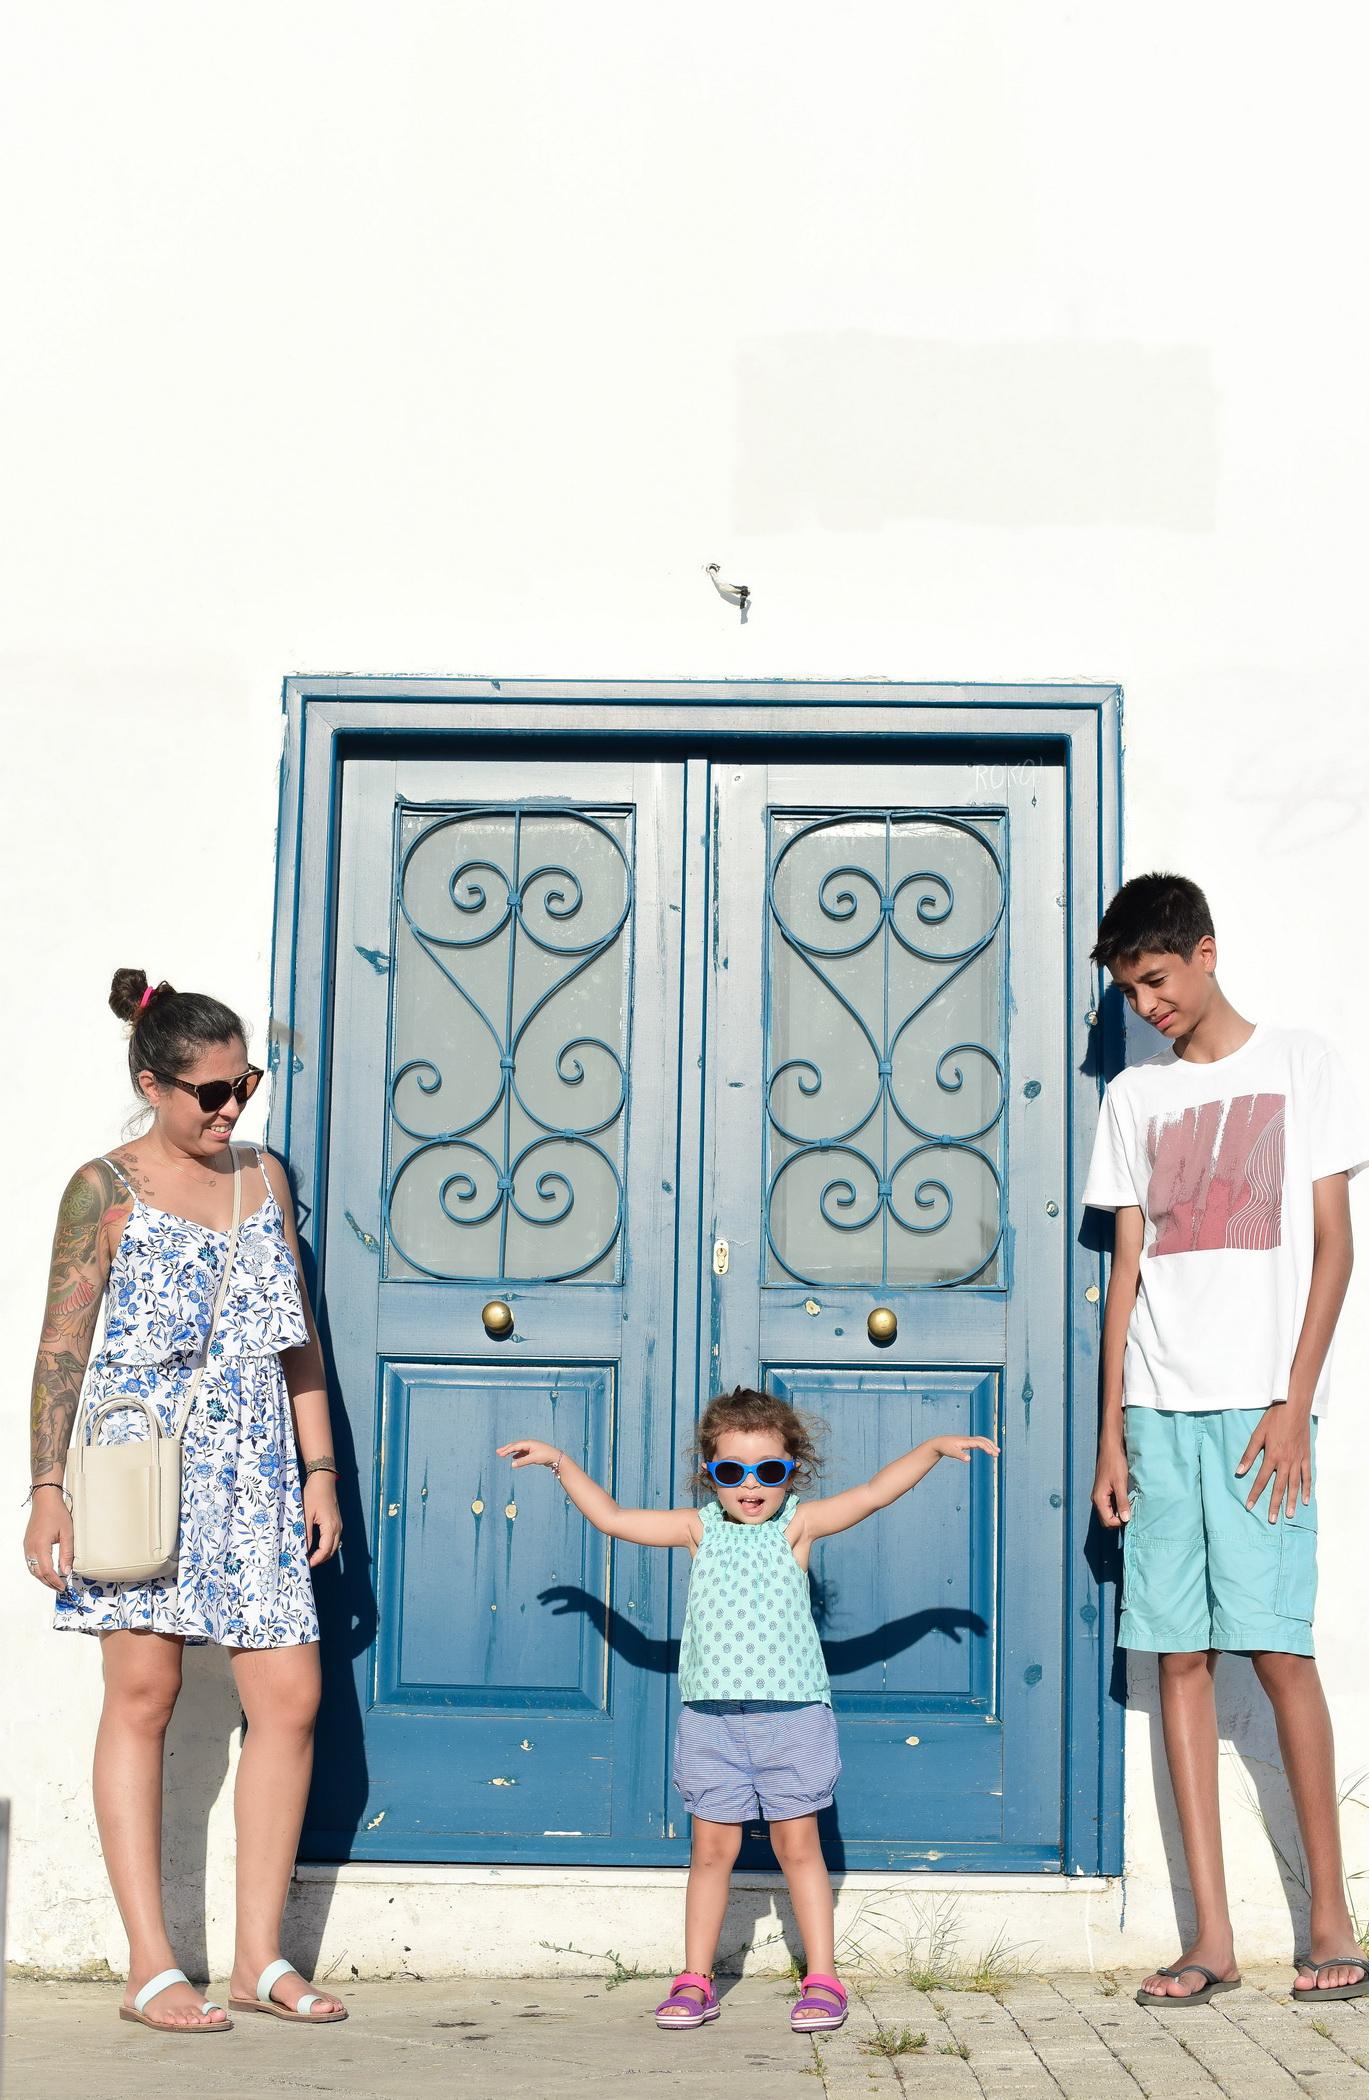 Doors - Vacation Photographer Athens